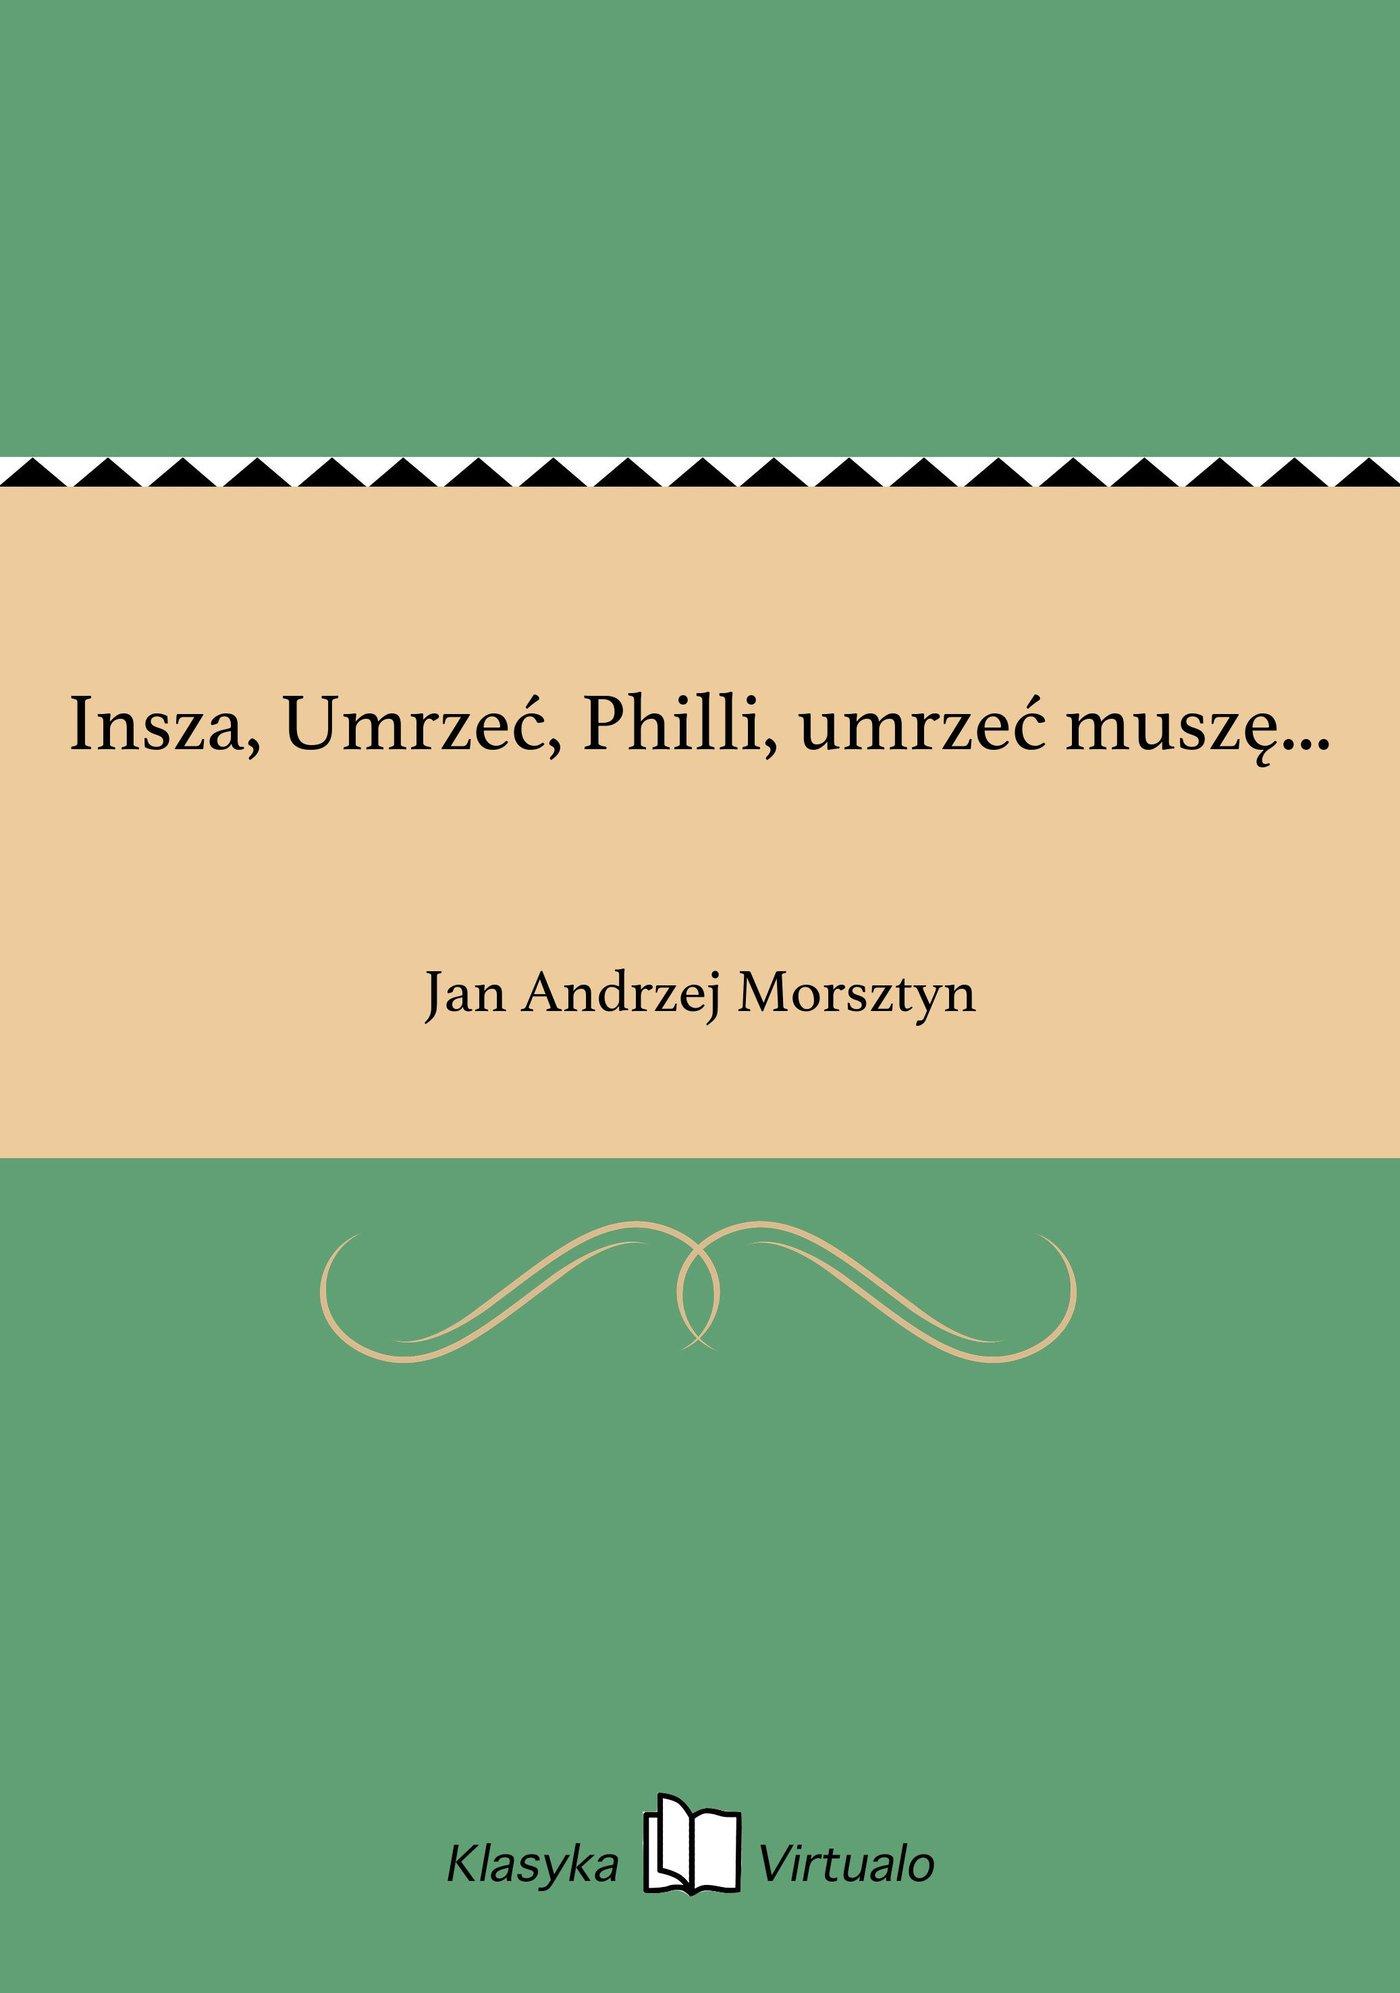 Insza, Umrzeć, Philli, umrzeć muszę... - Ebook (Książka na Kindle) do pobrania w formacie MOBI